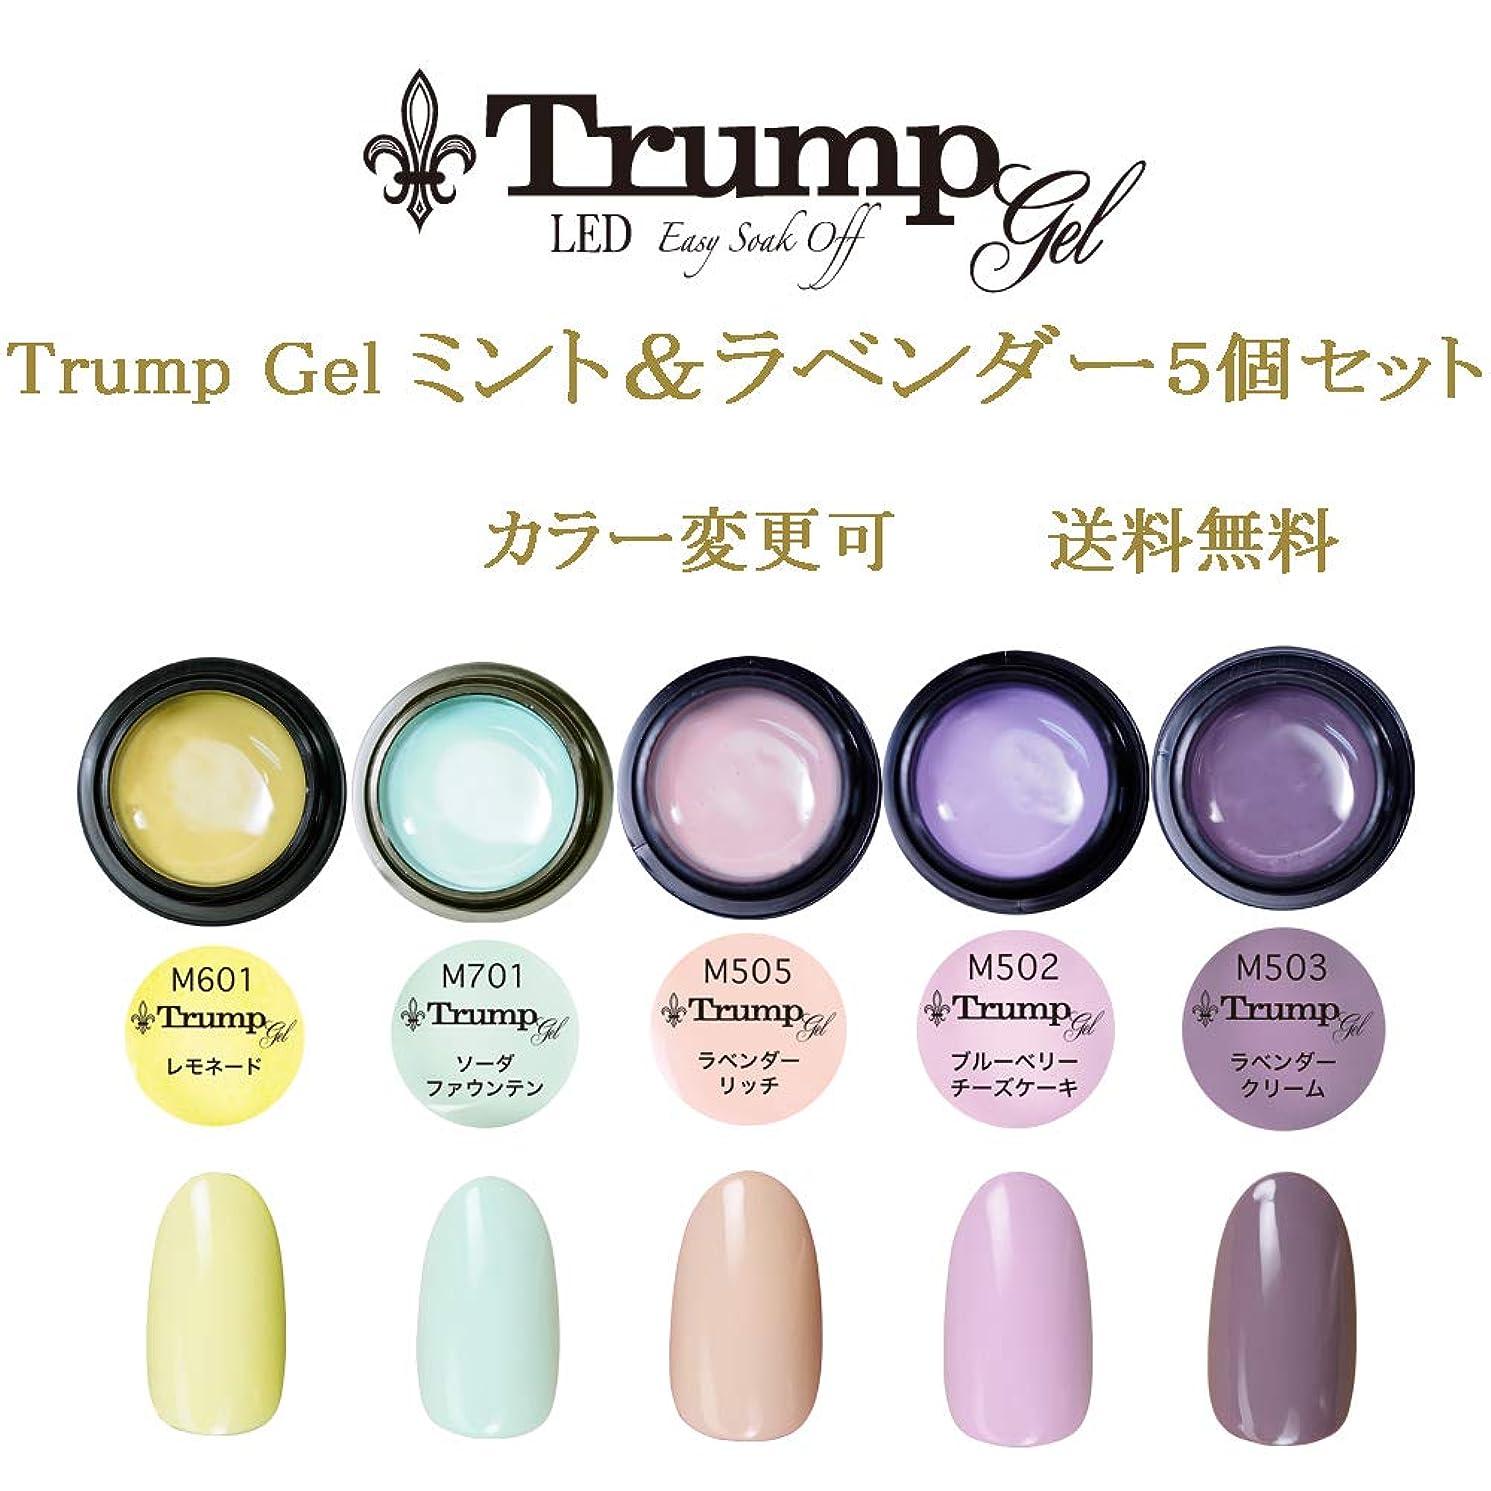 バンドル促すビリー【送料無料】日本製 Trump gel トランプジェル ミント&ラベンダー 選べる カラージェル 5個セット ラベンダー ベージュ ミントカラー